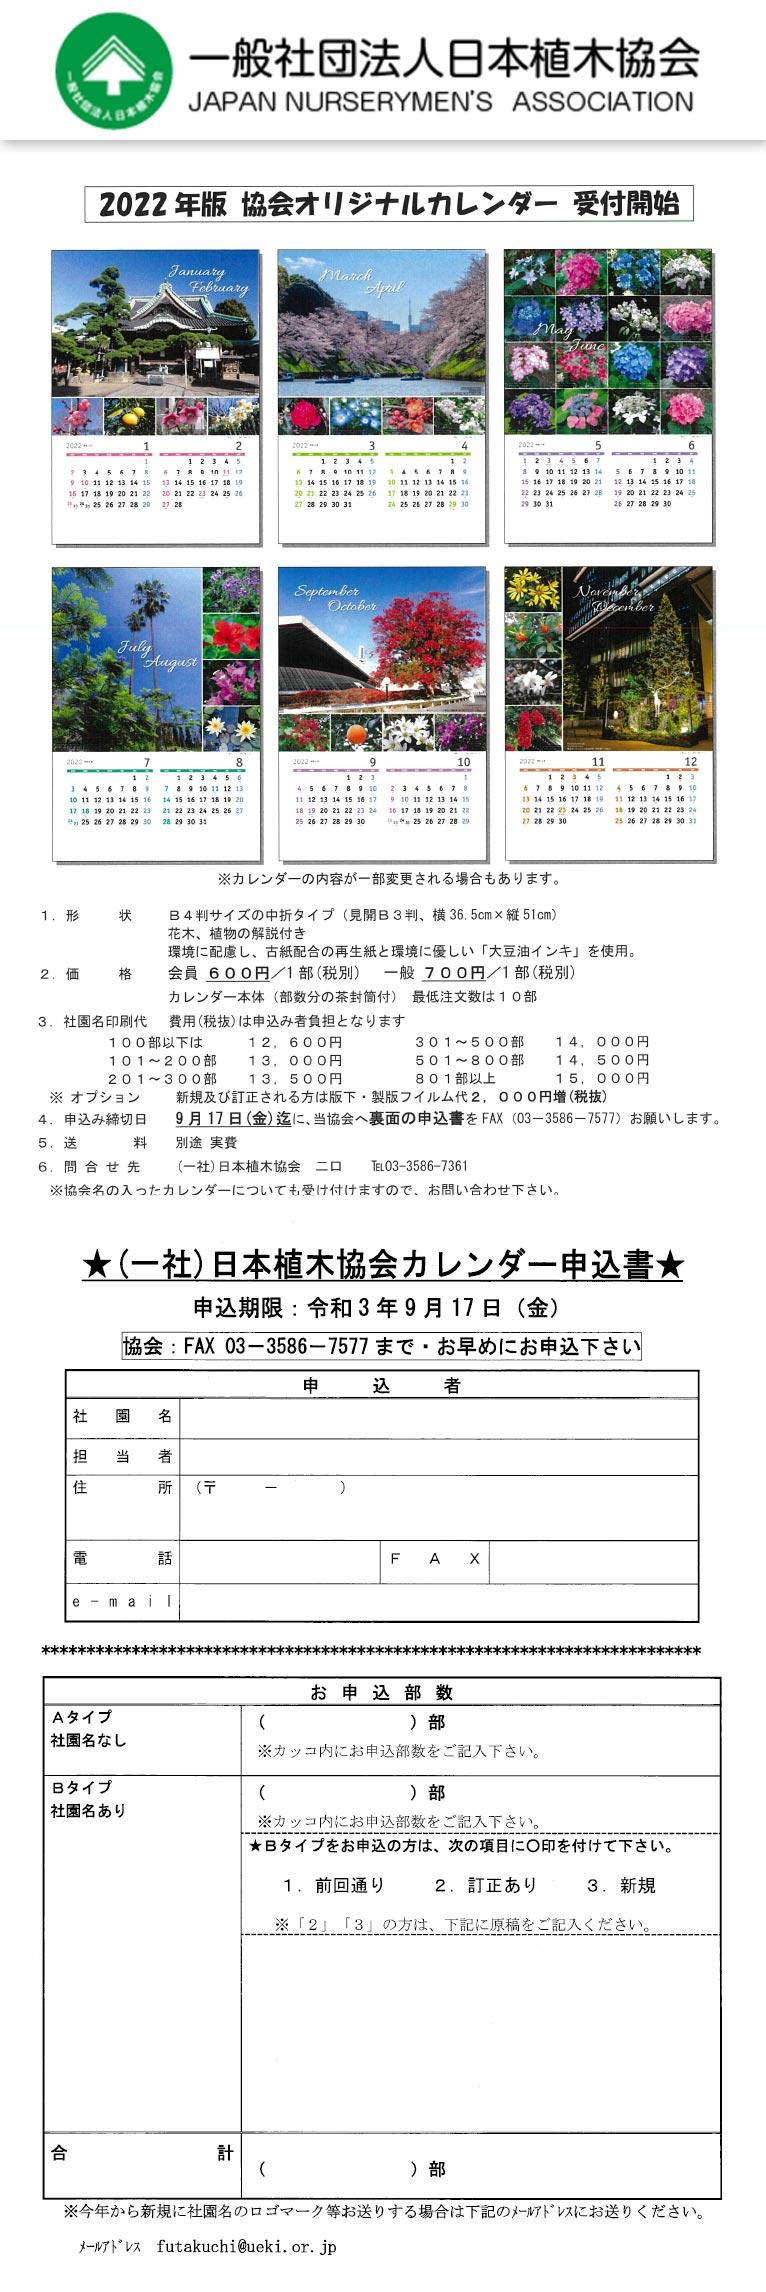 【2021年9月17日受付締切】2022年版日本植木協会オリジナルカレンダー受付中!